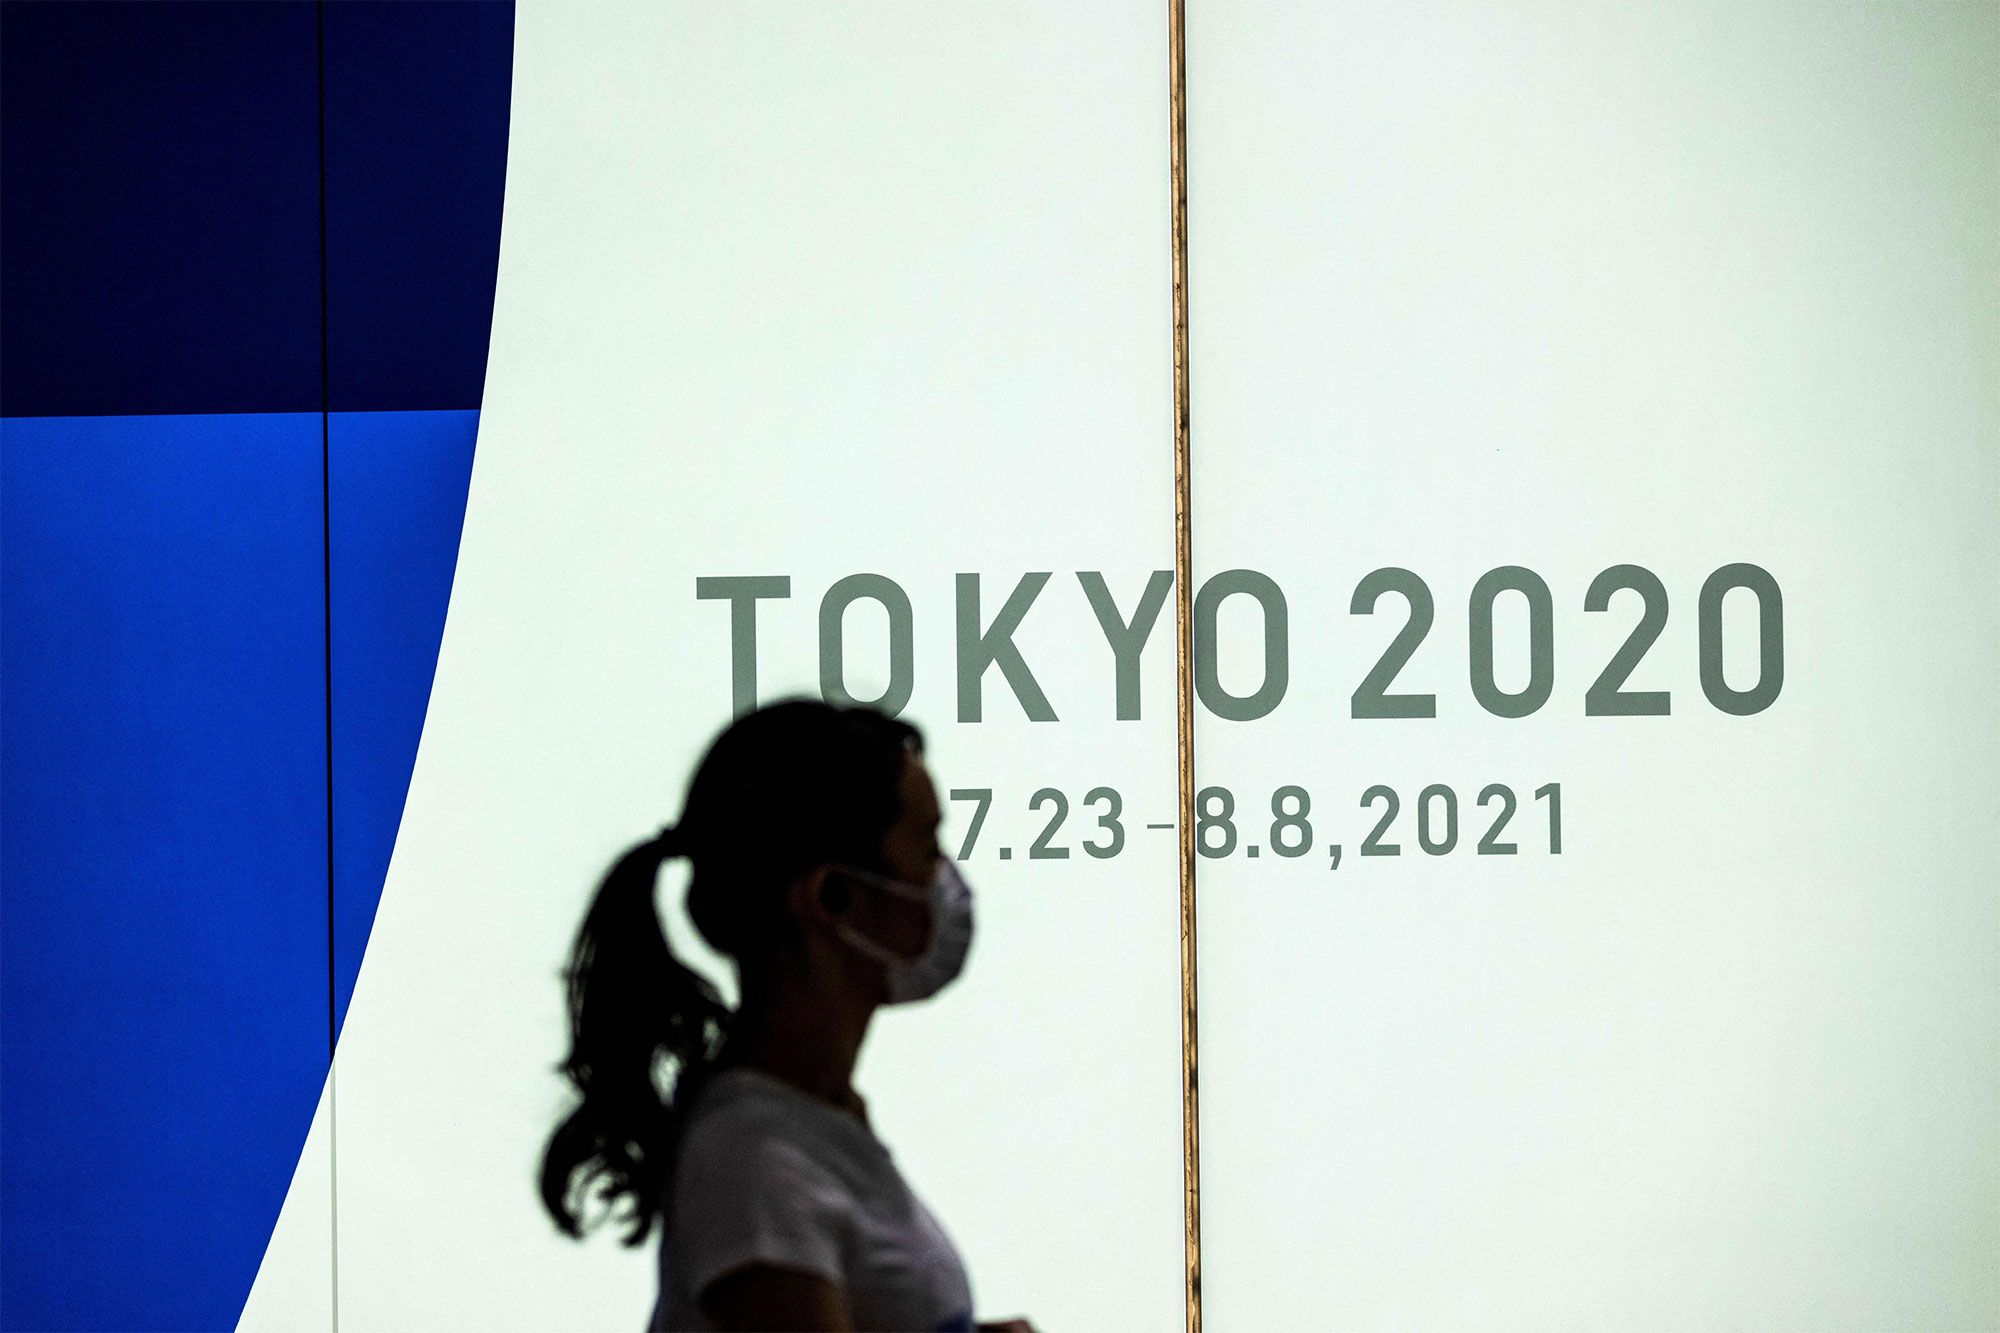 美国体操运动员卡拉·埃克在奥运前确诊新冠病毒